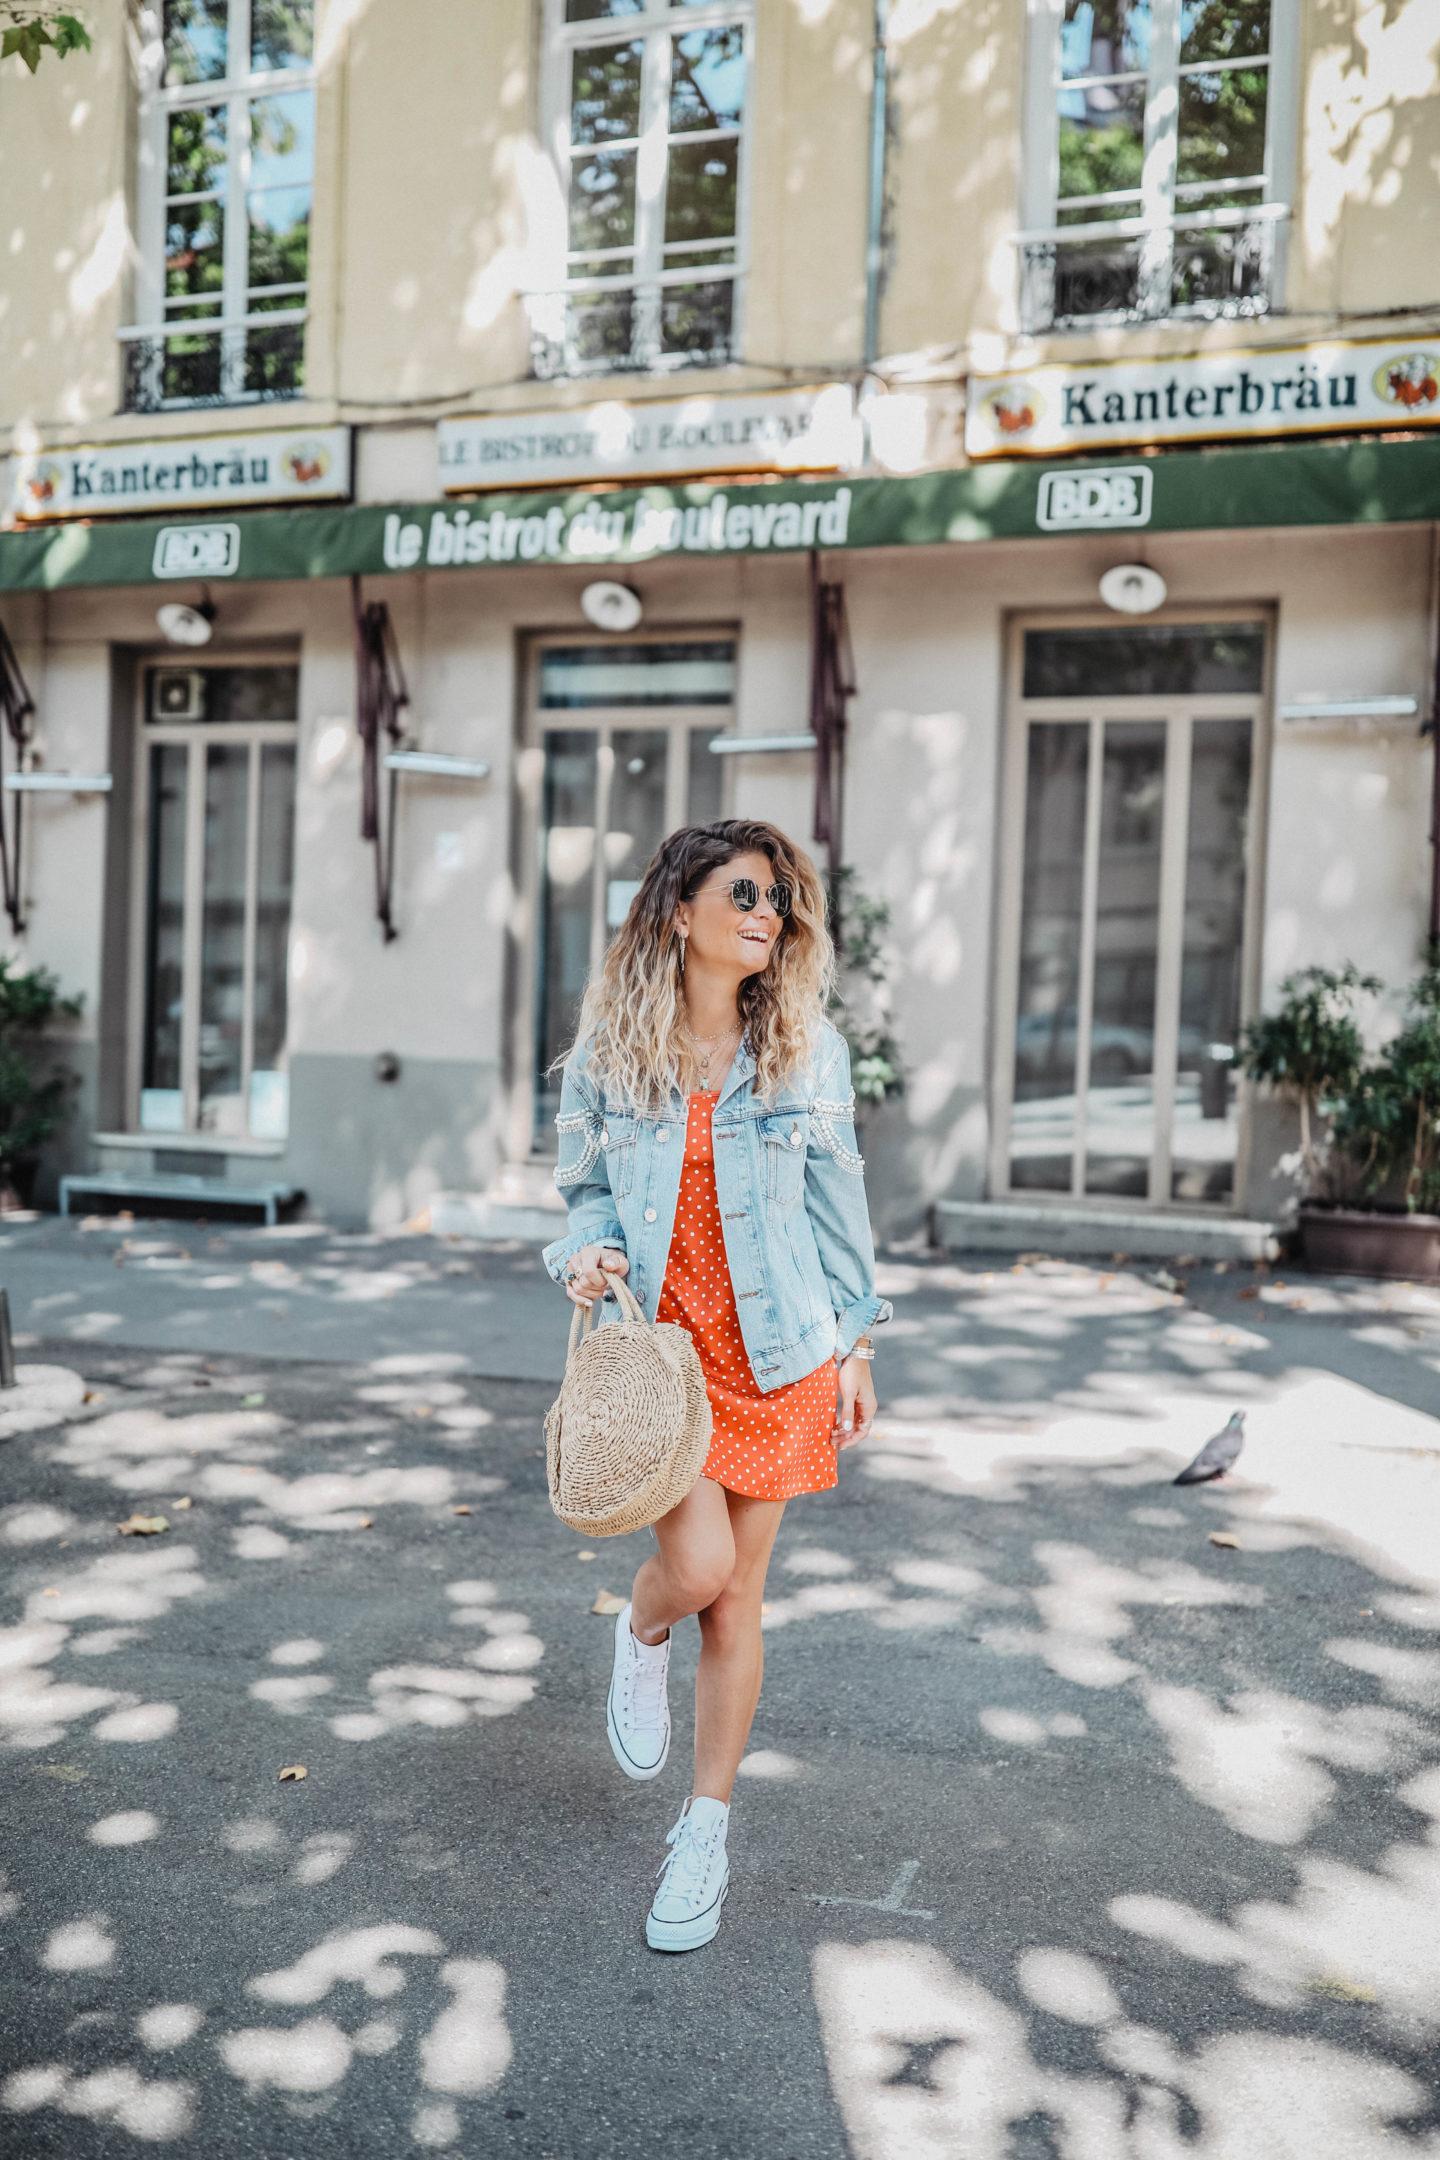 Tenue pour l'été femme marie and mood blog mode